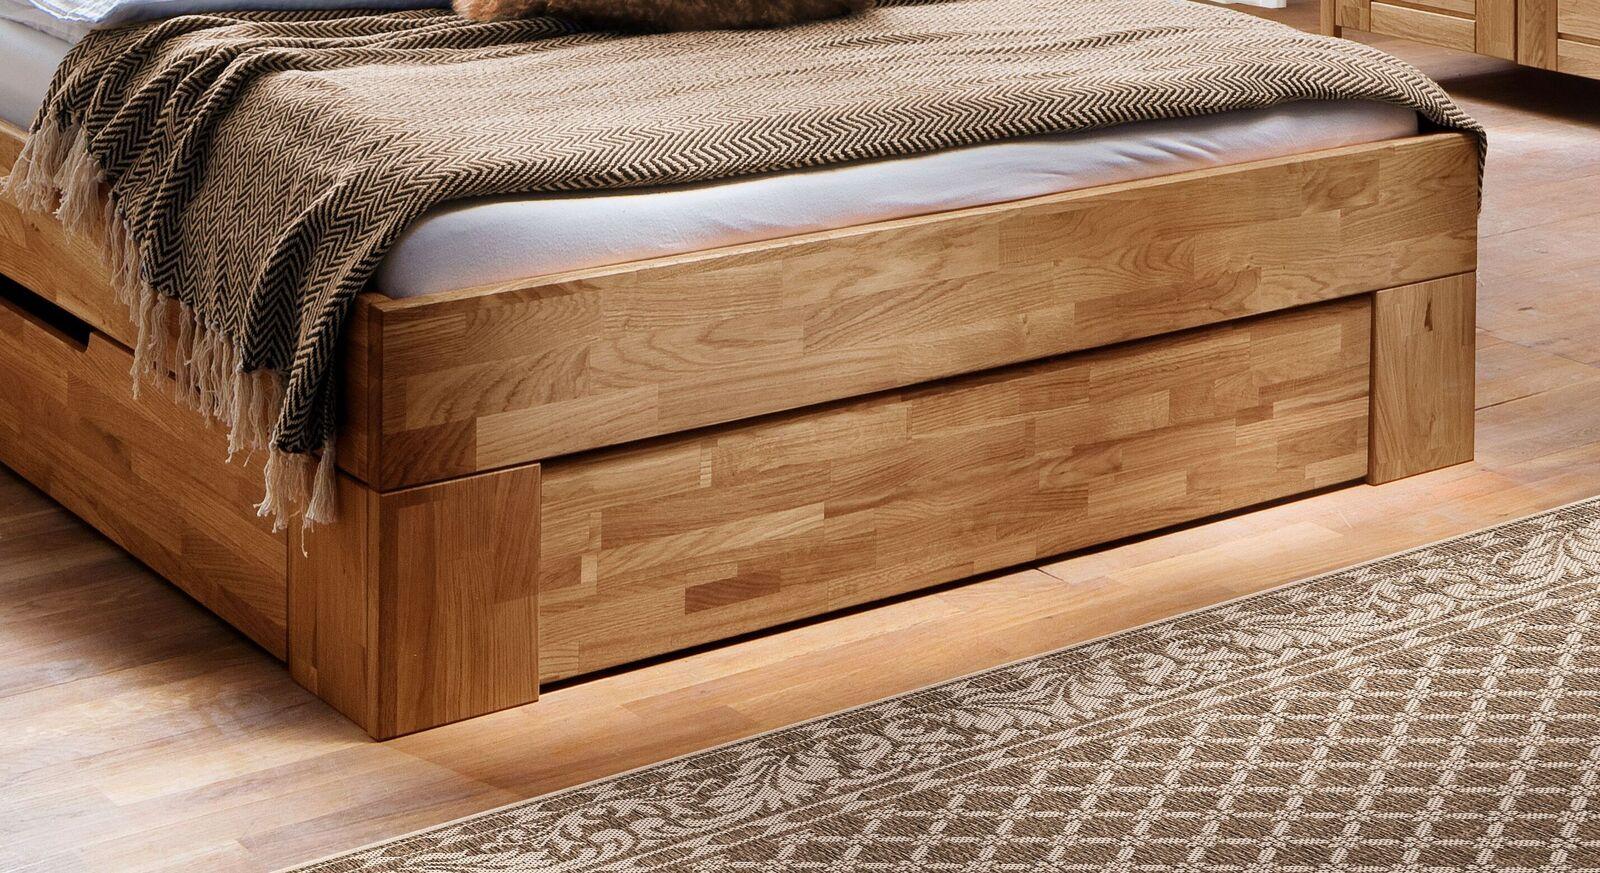 Schubkasten-Bett Pasja in hochwertiger Verarbeitung